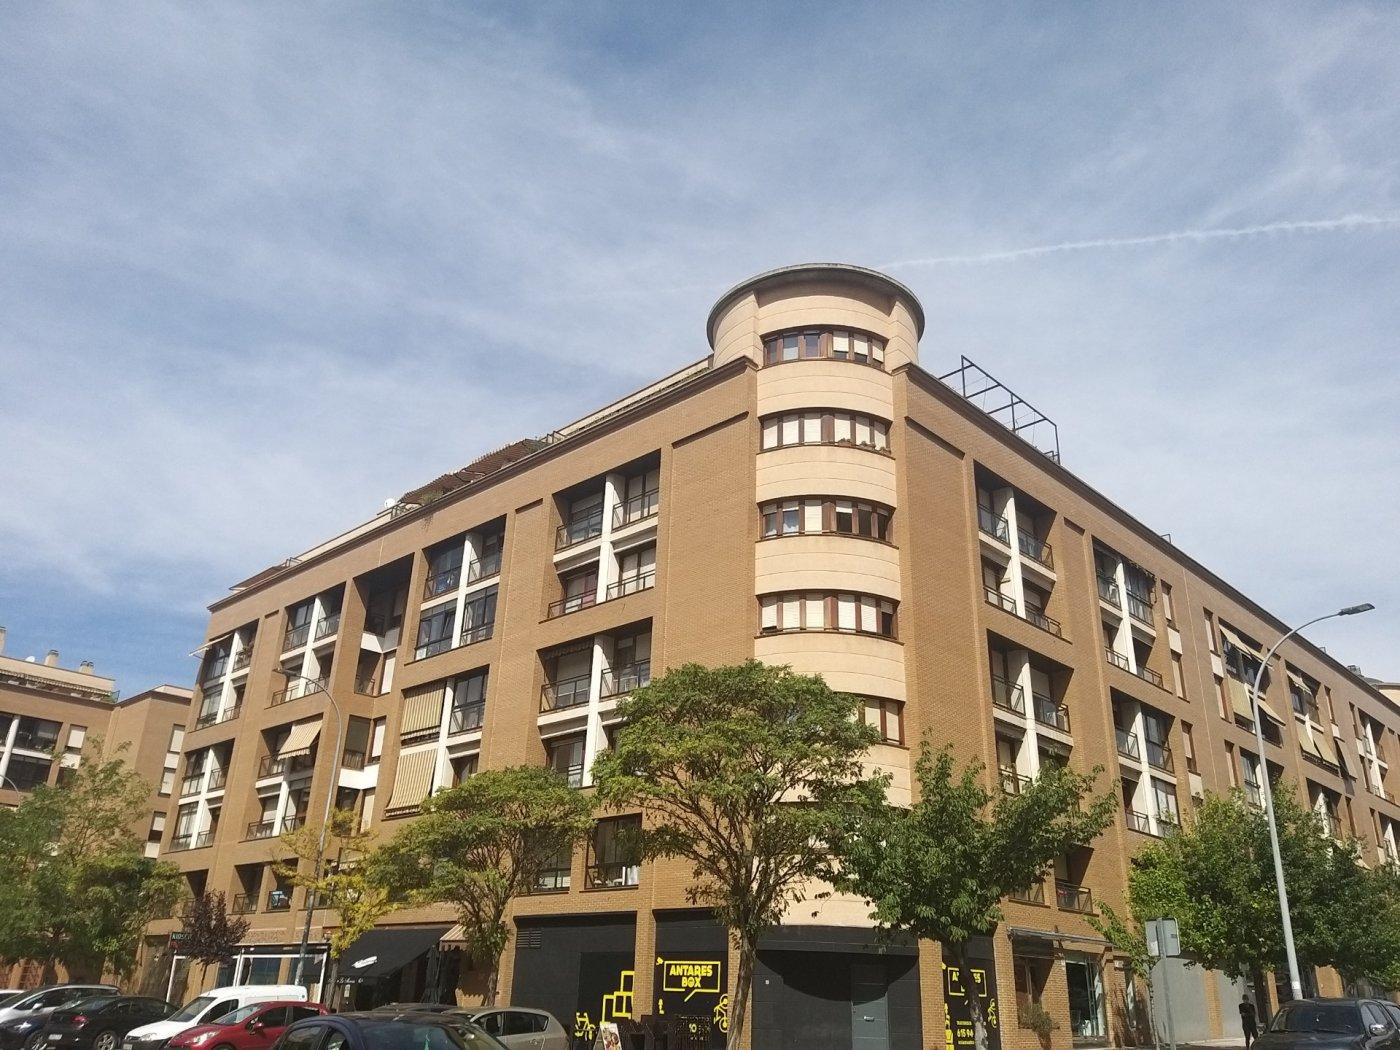 Piso en alquiler en Huerta del rey, Valladolid